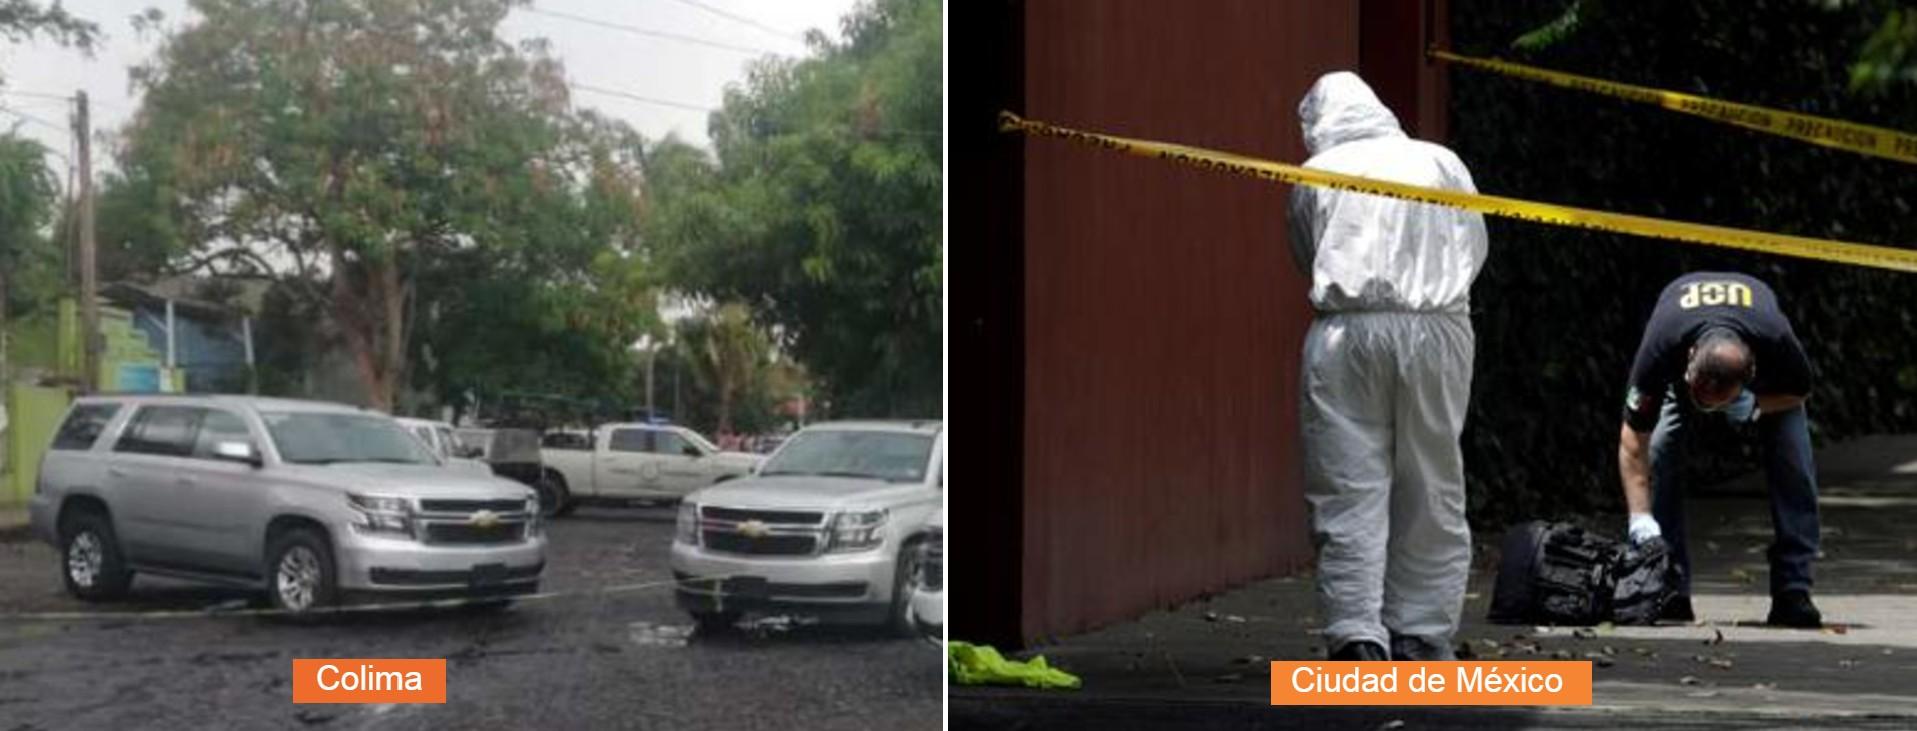 El CJNG aumentó el nivel de afrenta con el gobierno mexicano. La primera imagen muestra la escena del crimen donde murió el Juez Uriel Villegas y su esposa. La segunda fotografía pertenece al intento de asesinato contra el jefe de la policía de la CDMX